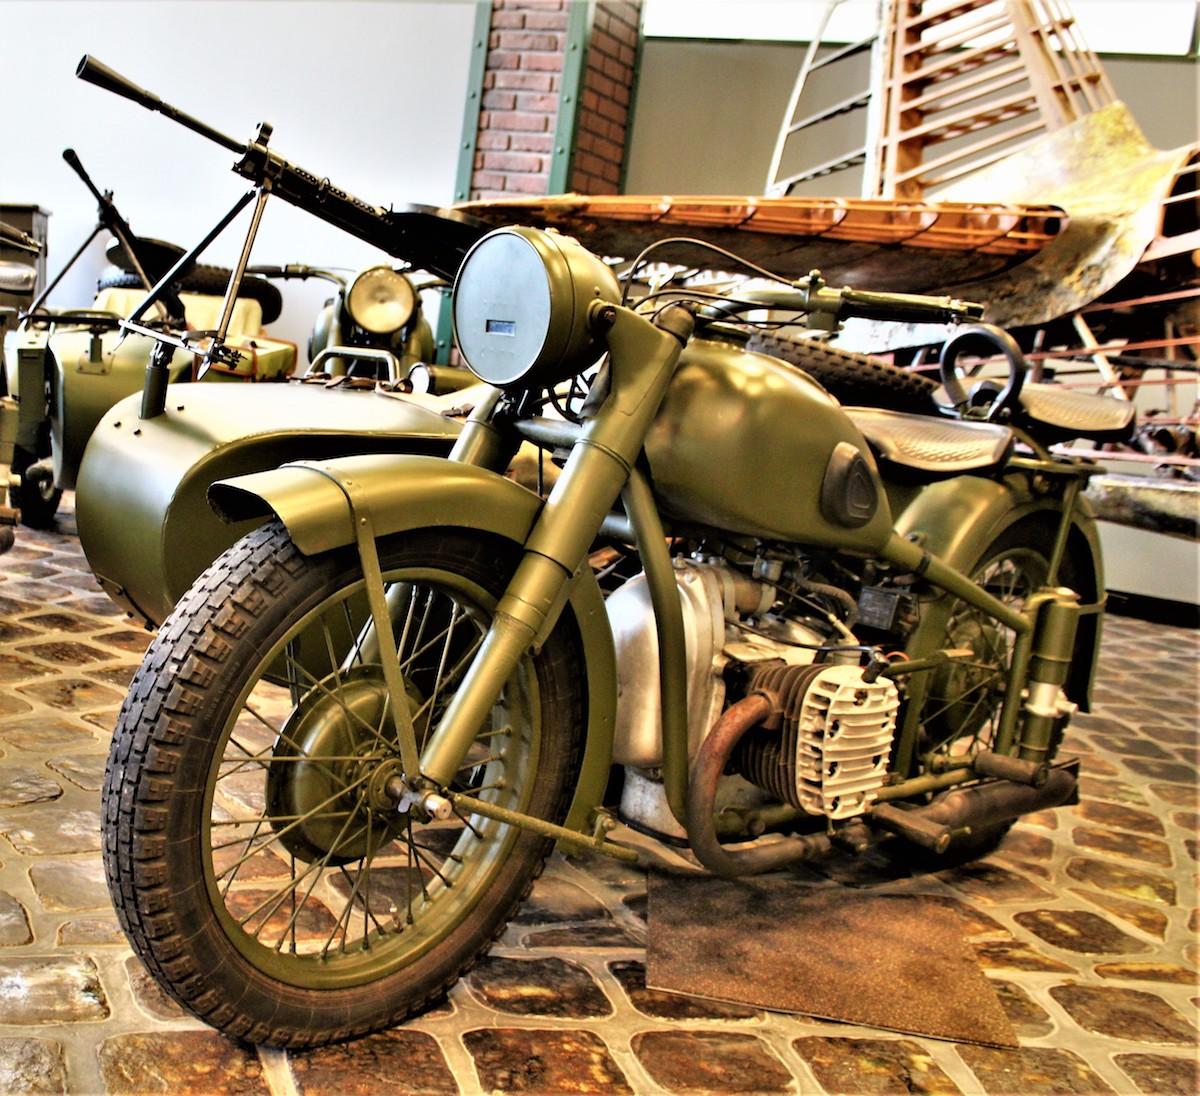 простой топиарий военные мотоциклы фото и картинки производстве палочек